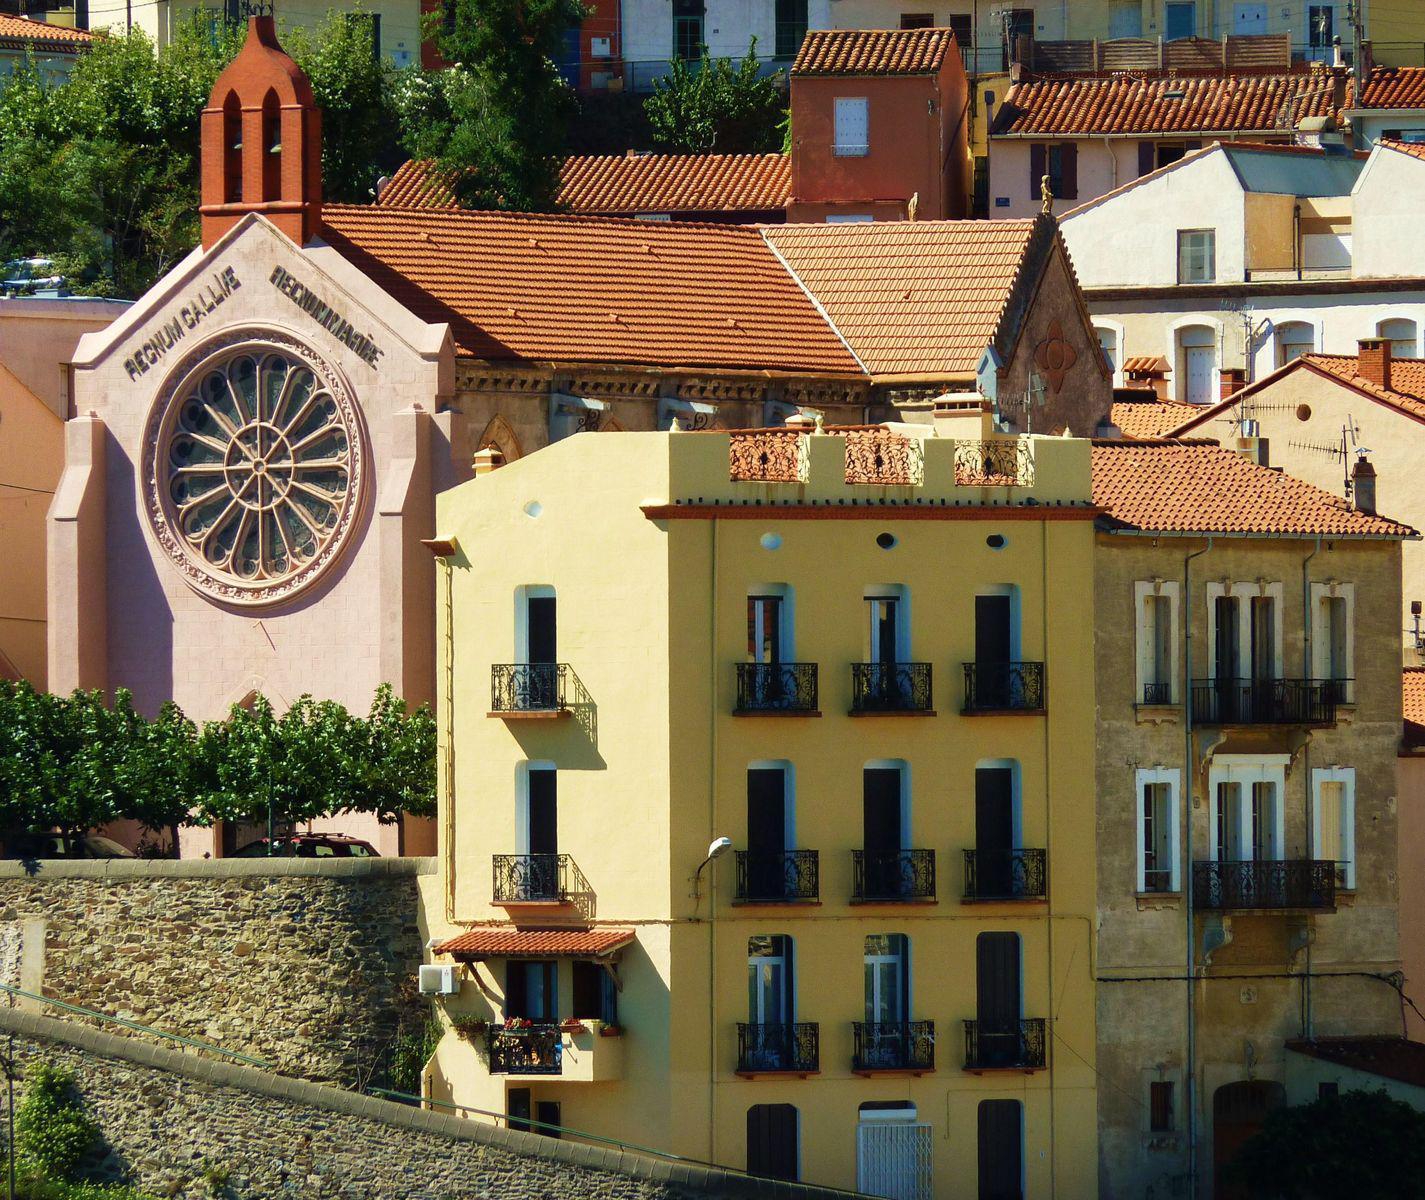 Office de tourisme de cerb re cerb re 66290 pyr n es - Office de tourisme pyrenees orientales ...